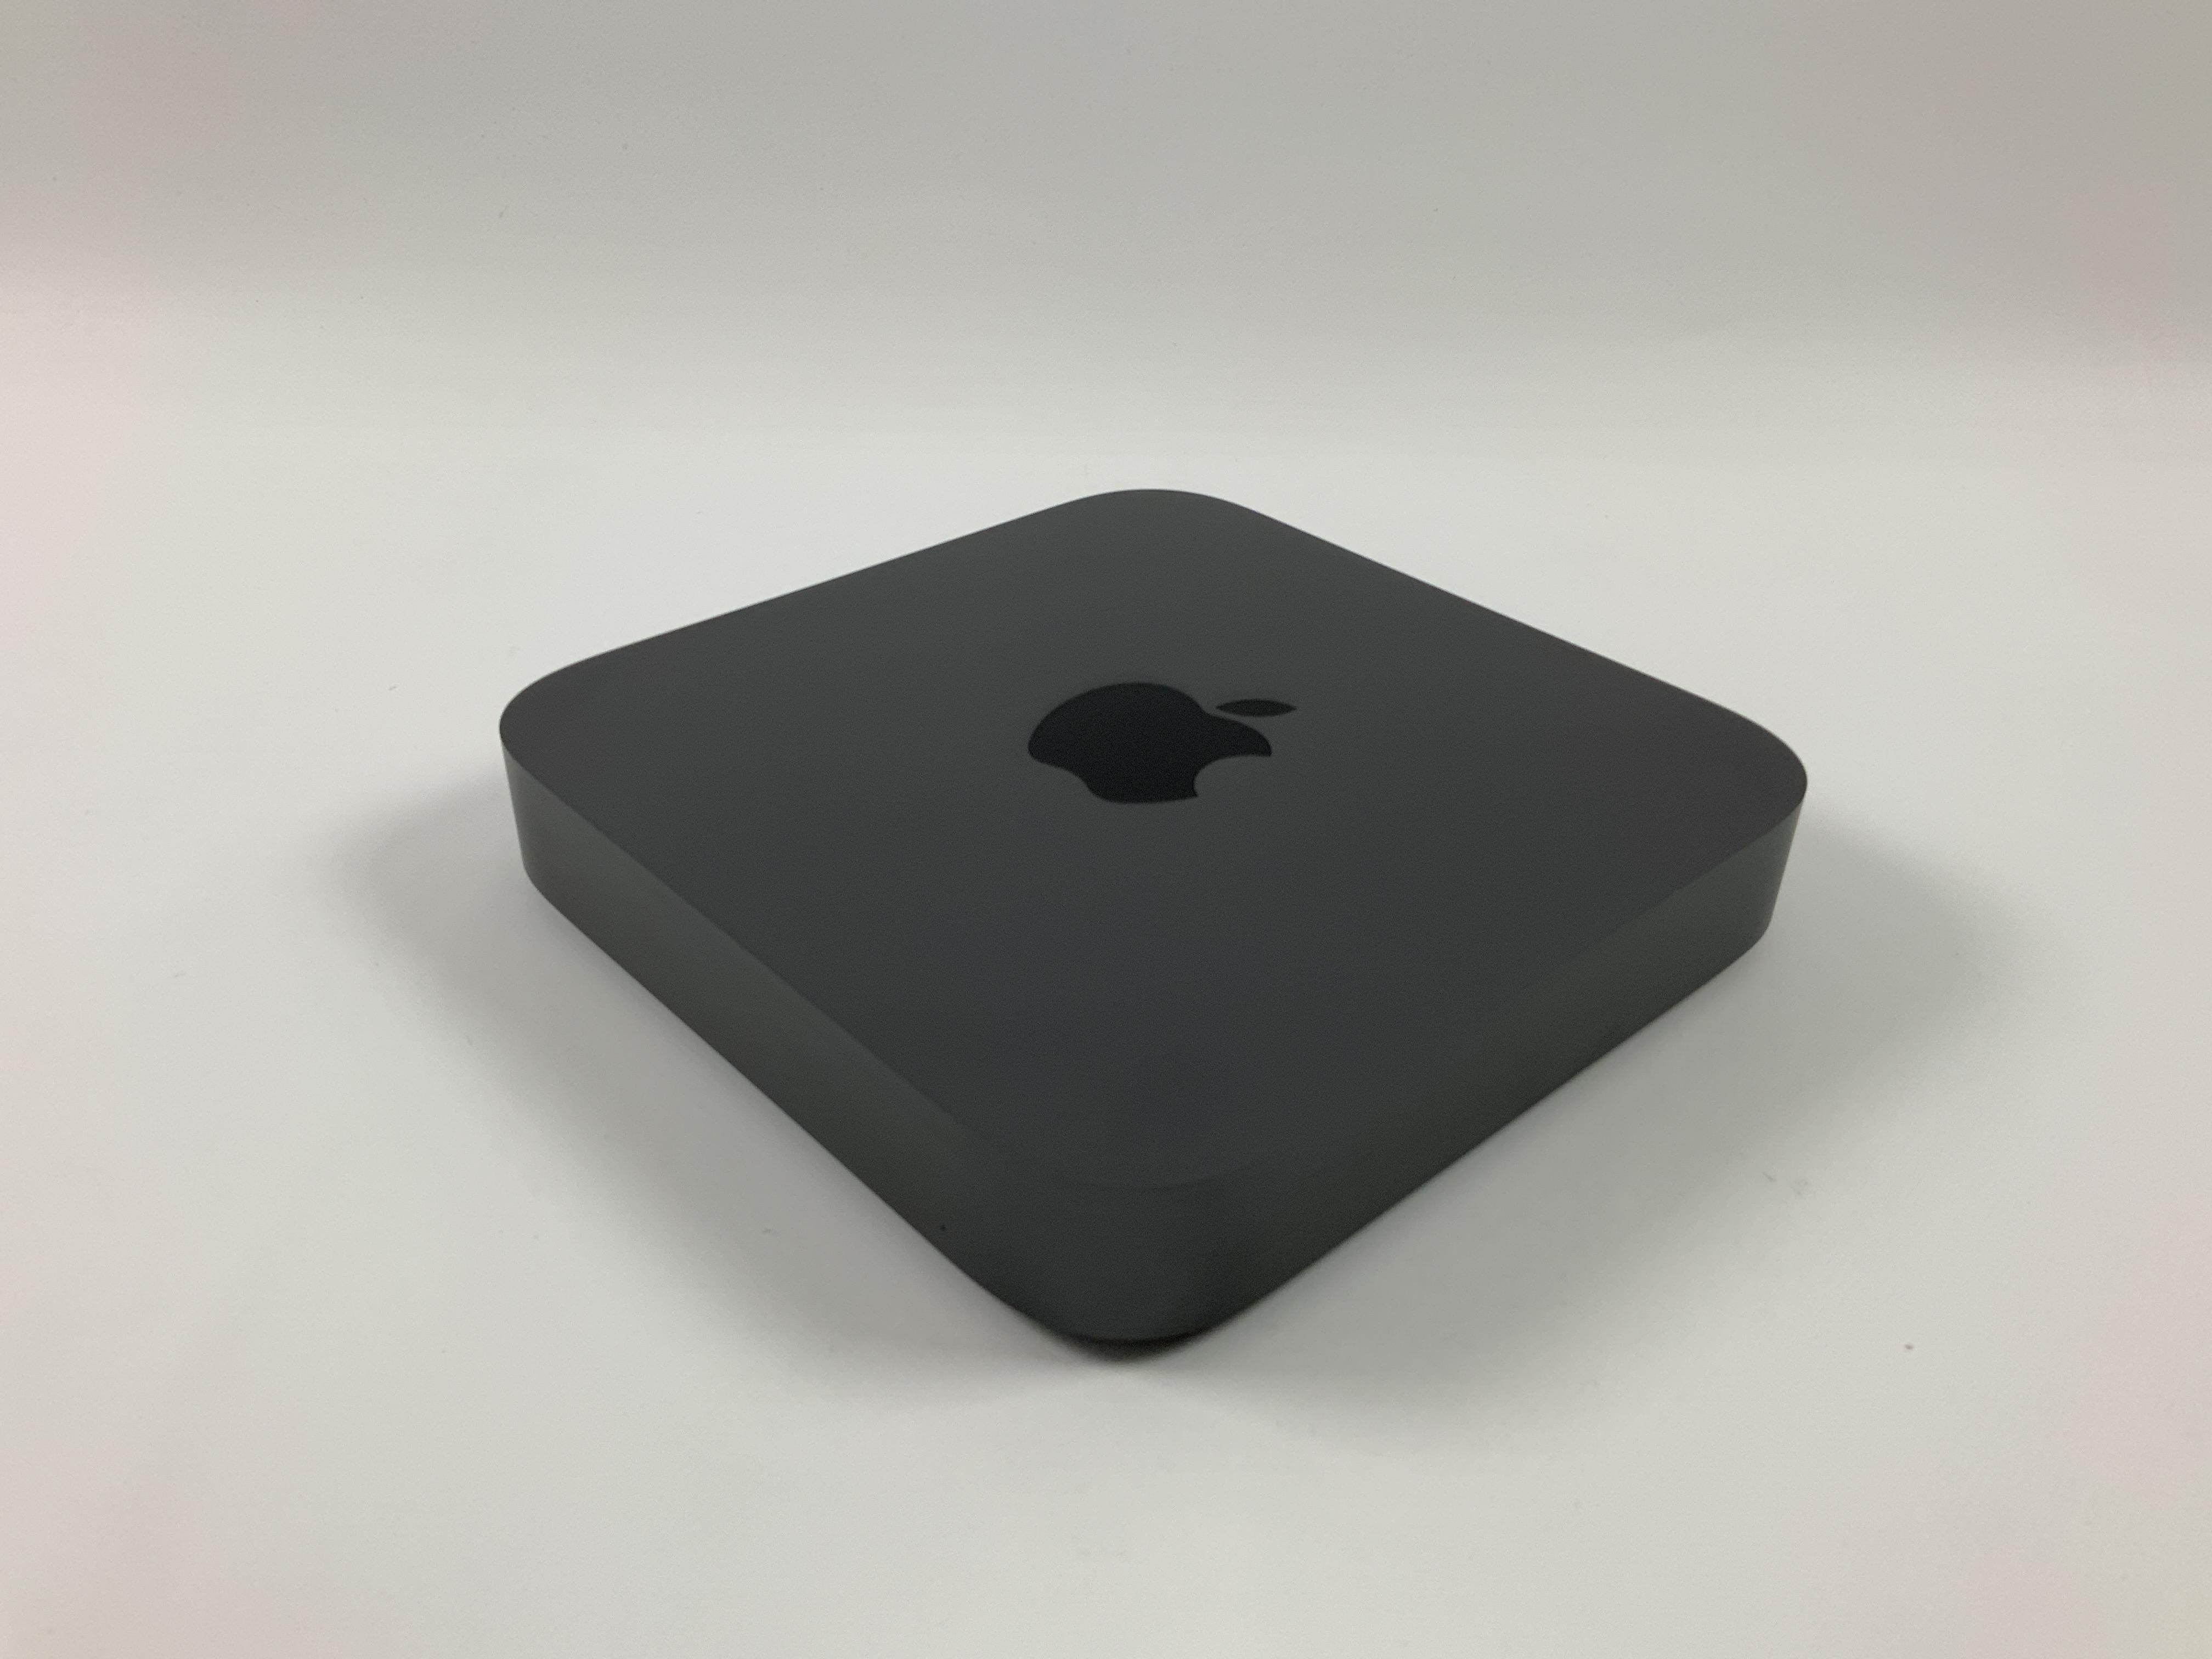 Mac Mini Late 2018 (Intel 6-Core i5 3.0 GHz 32 GB RAM 256 GB SSD), Intel 6-Core i5 3.0 GHz, 32 GB RAM, 256 GB SSD, bild 2